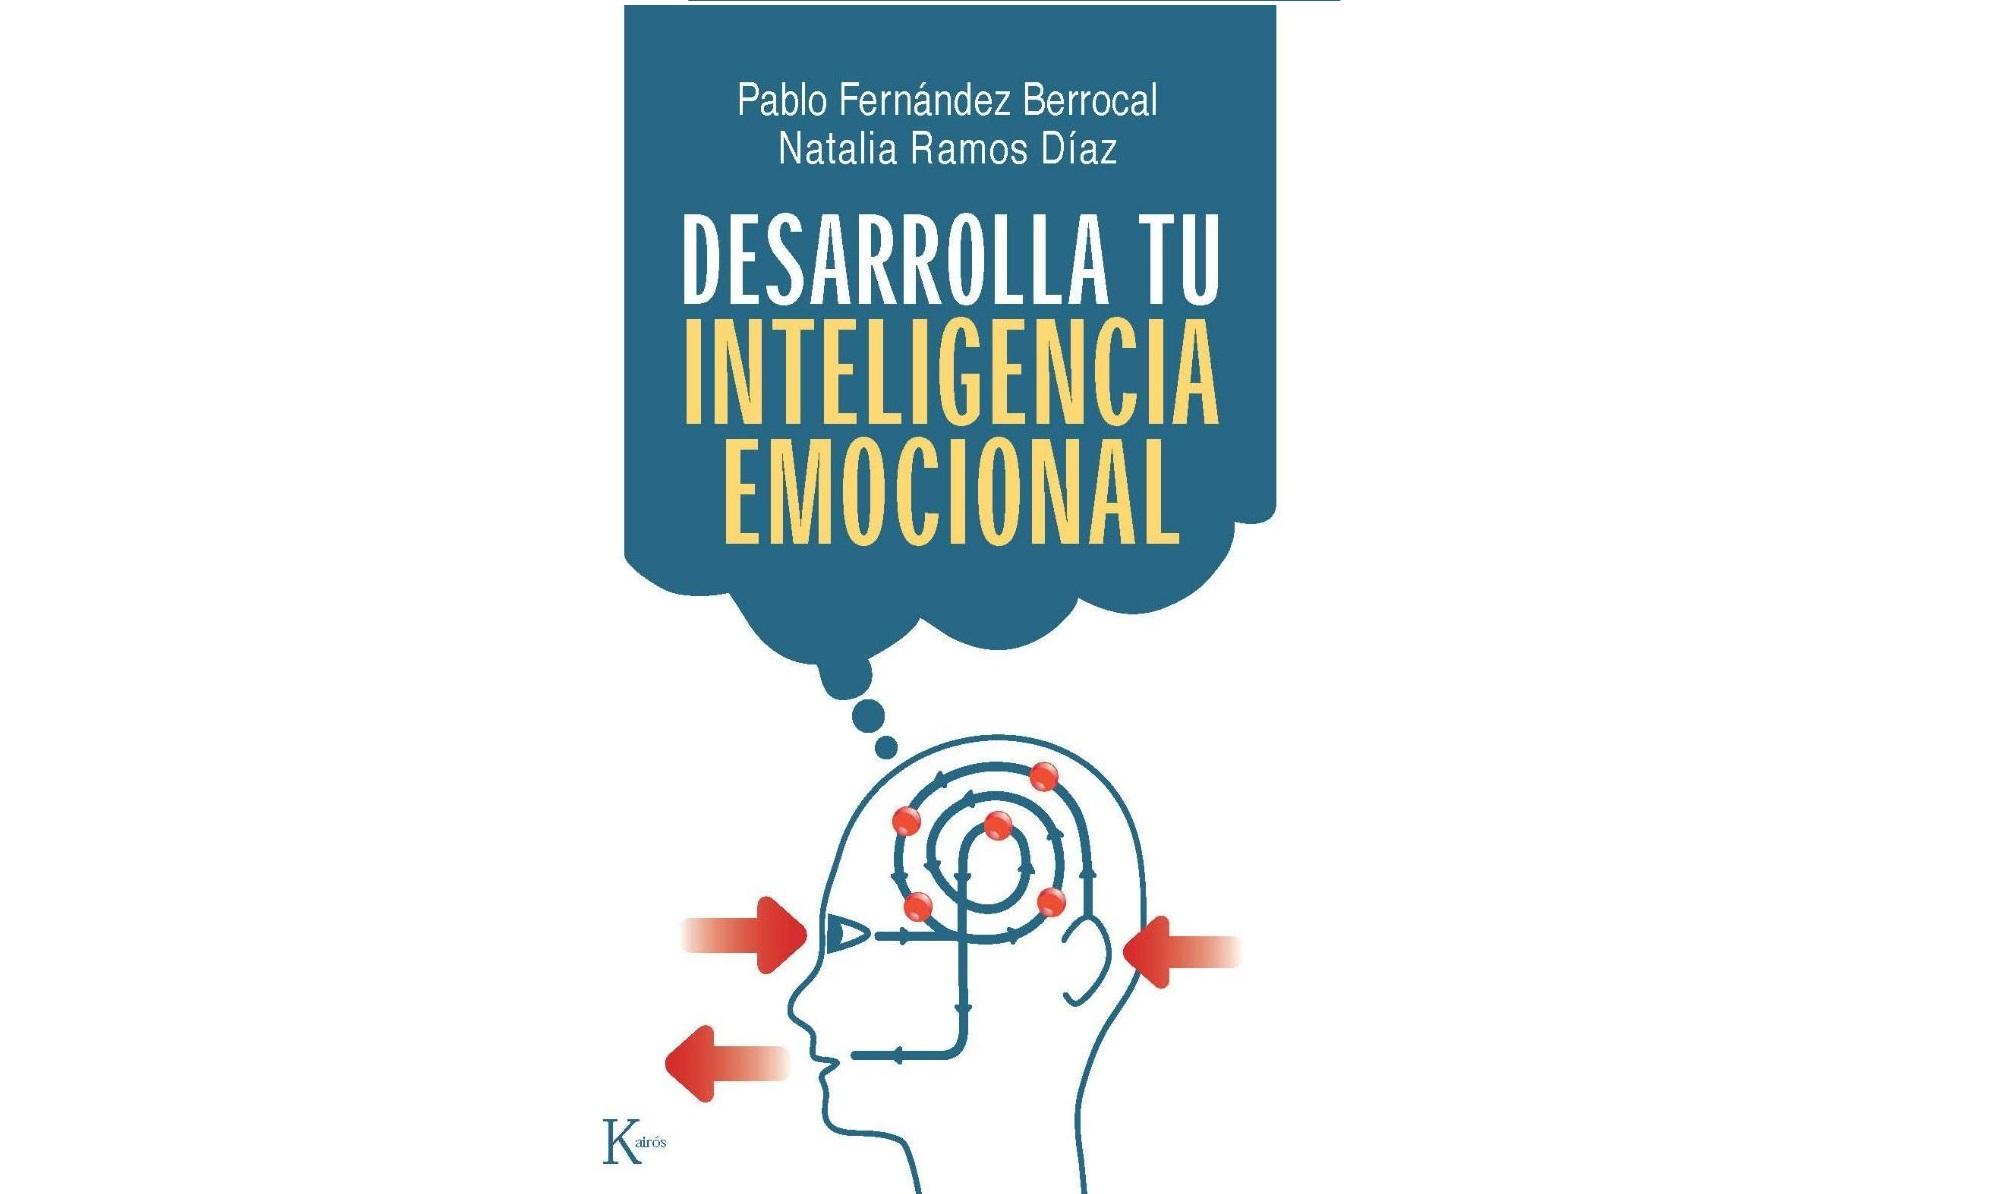 DESARROLLA TU INTELIGENCIA EMOCIONAL. PDF GRATIS